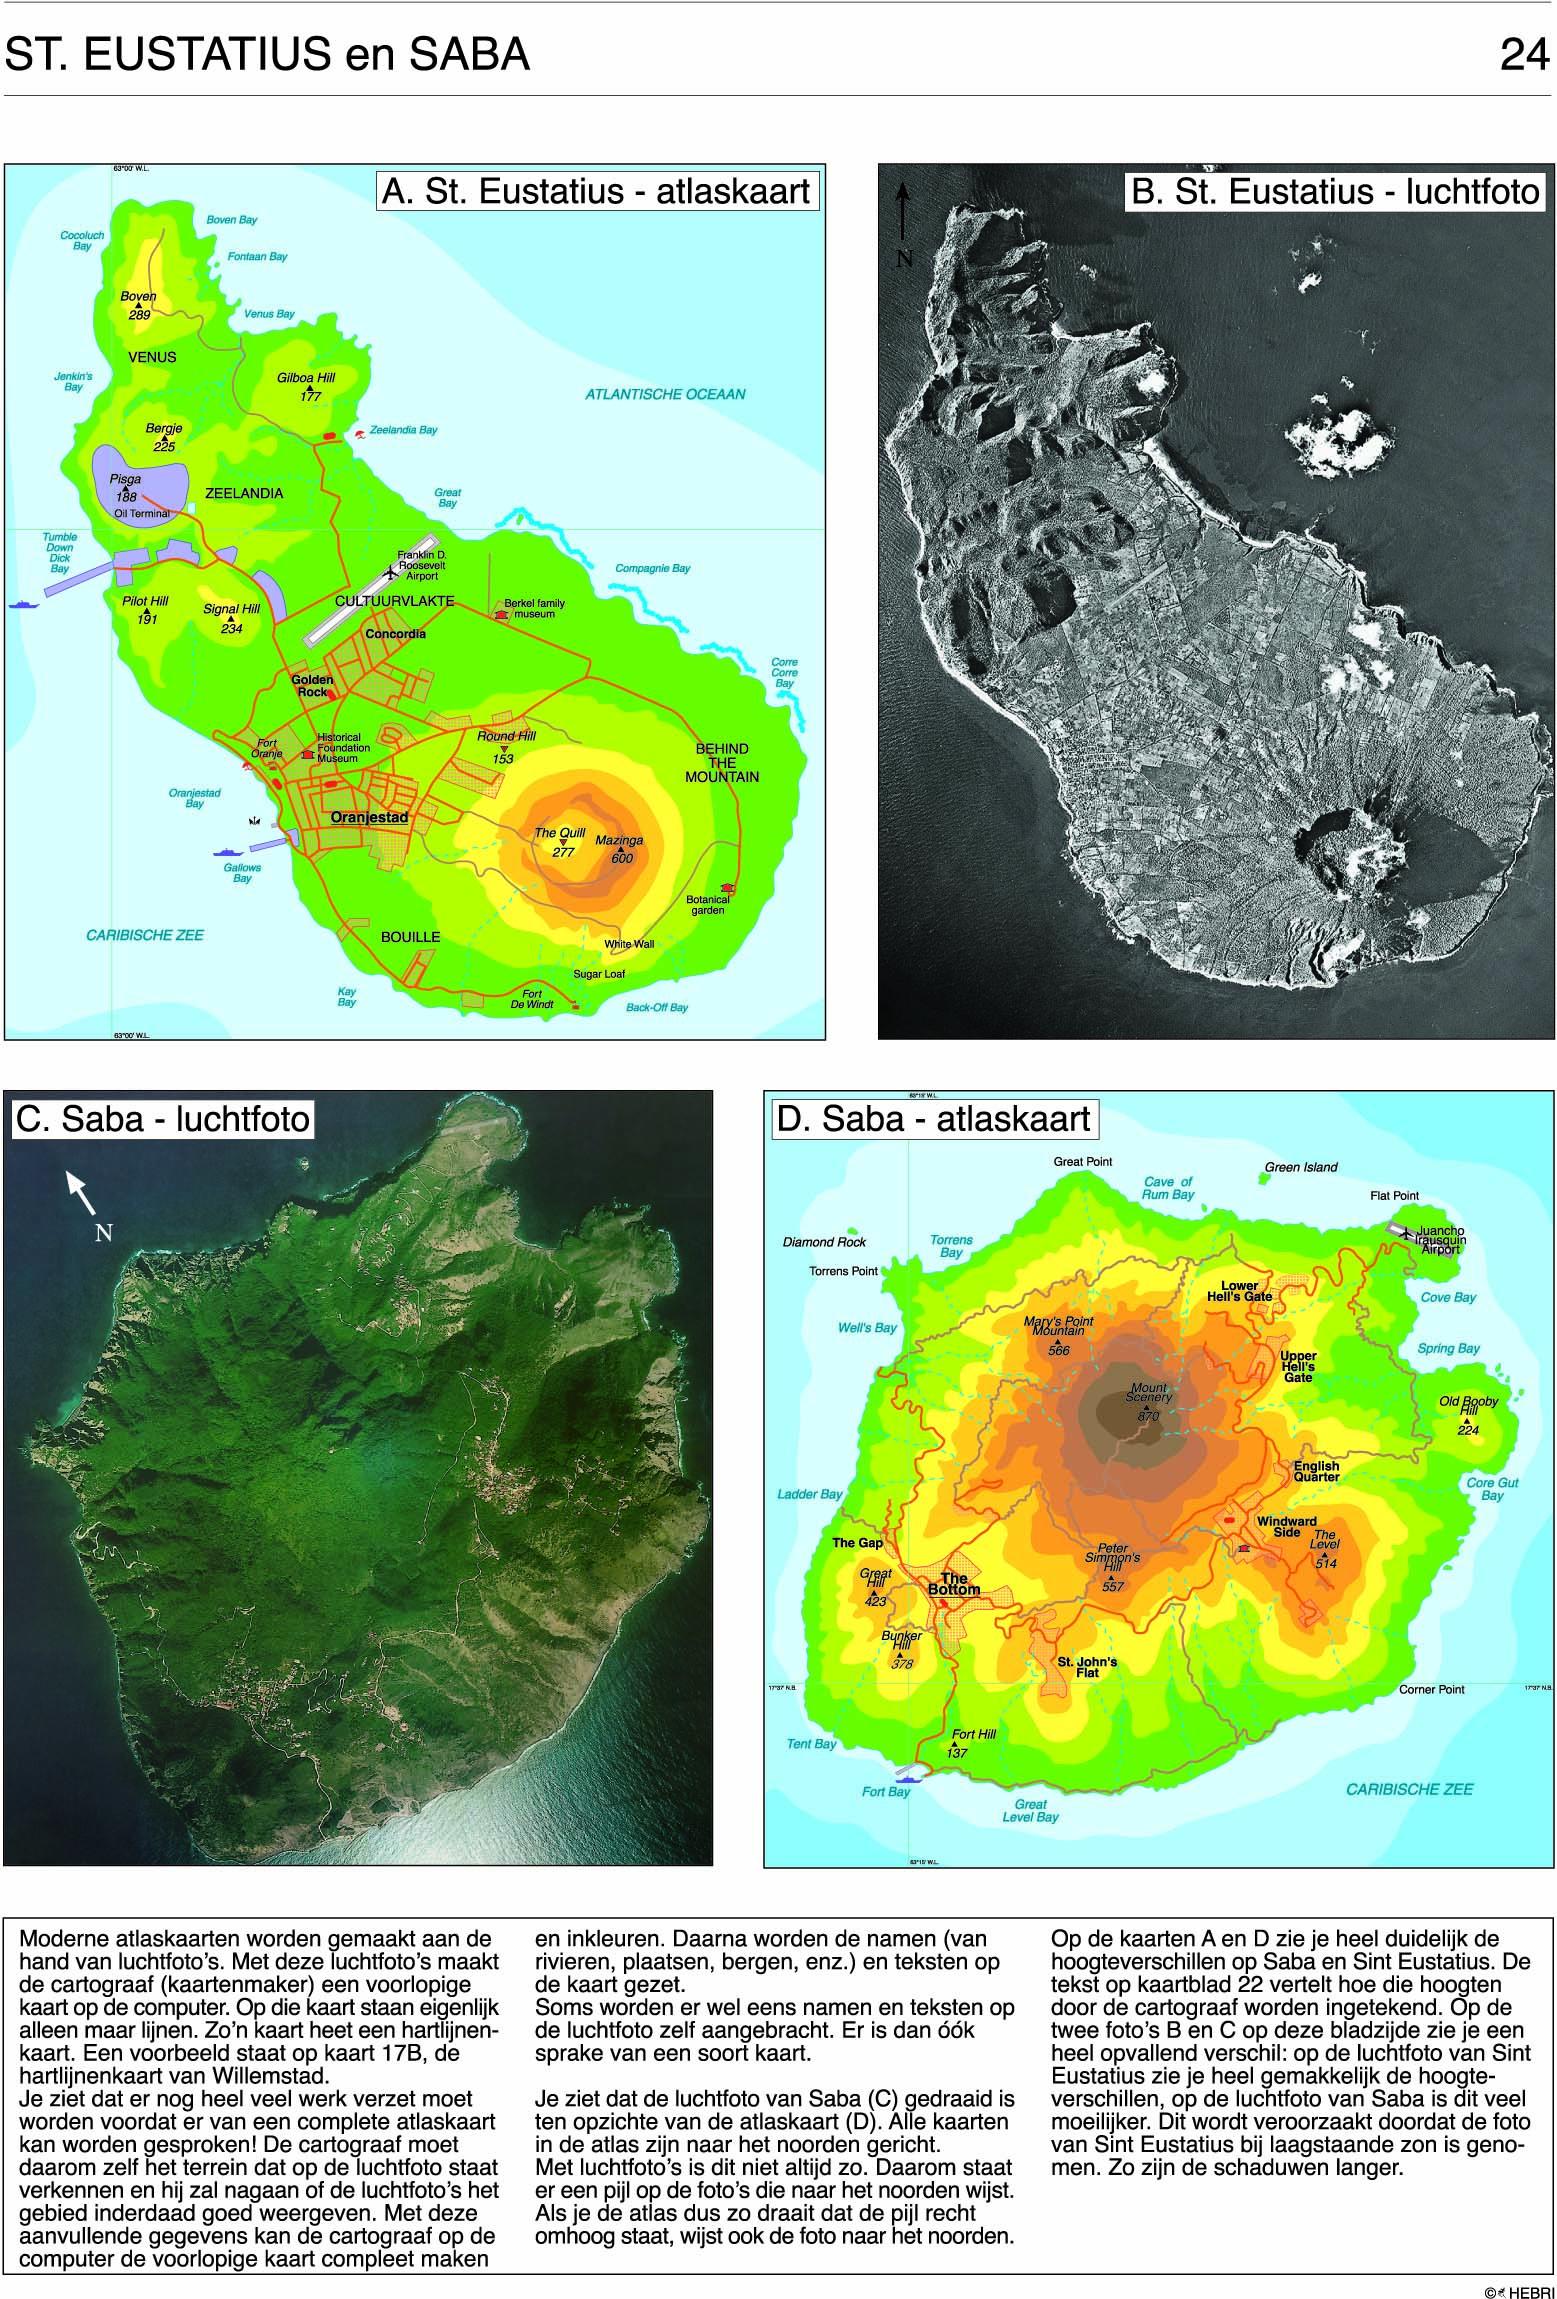 St. Eustatius en Saba